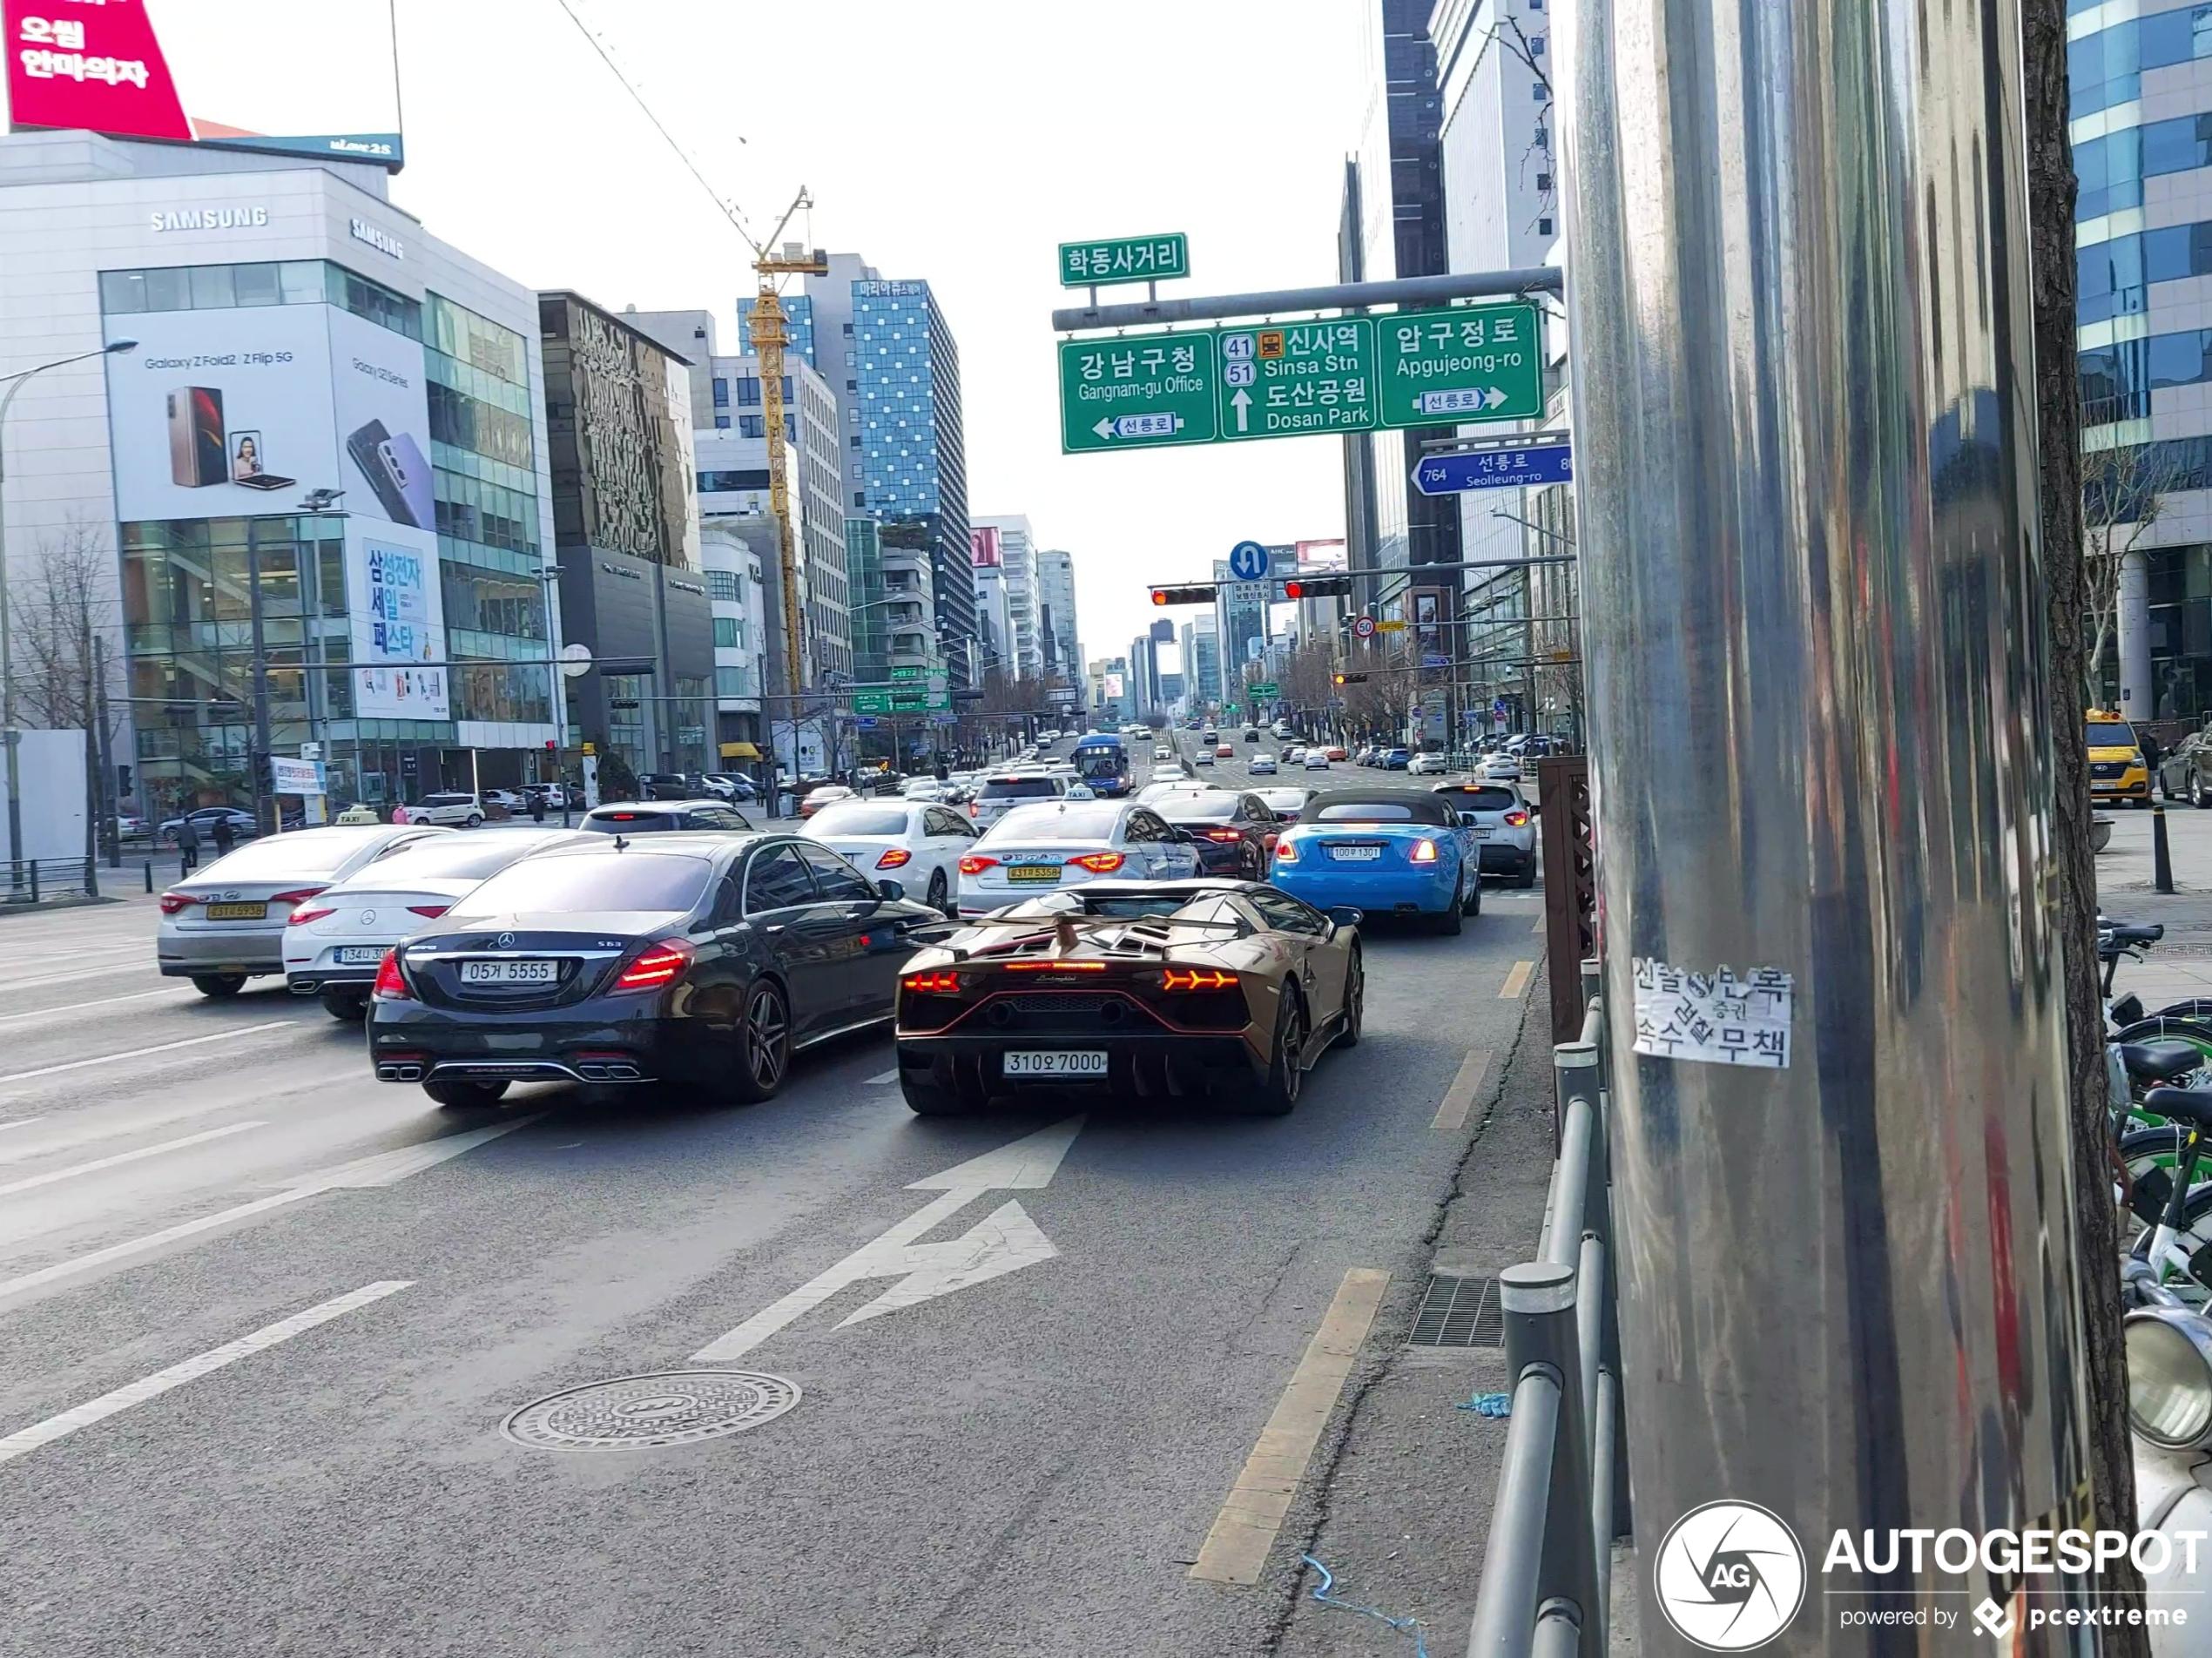 Combo voor het verkeerslicht in Seoul gespot